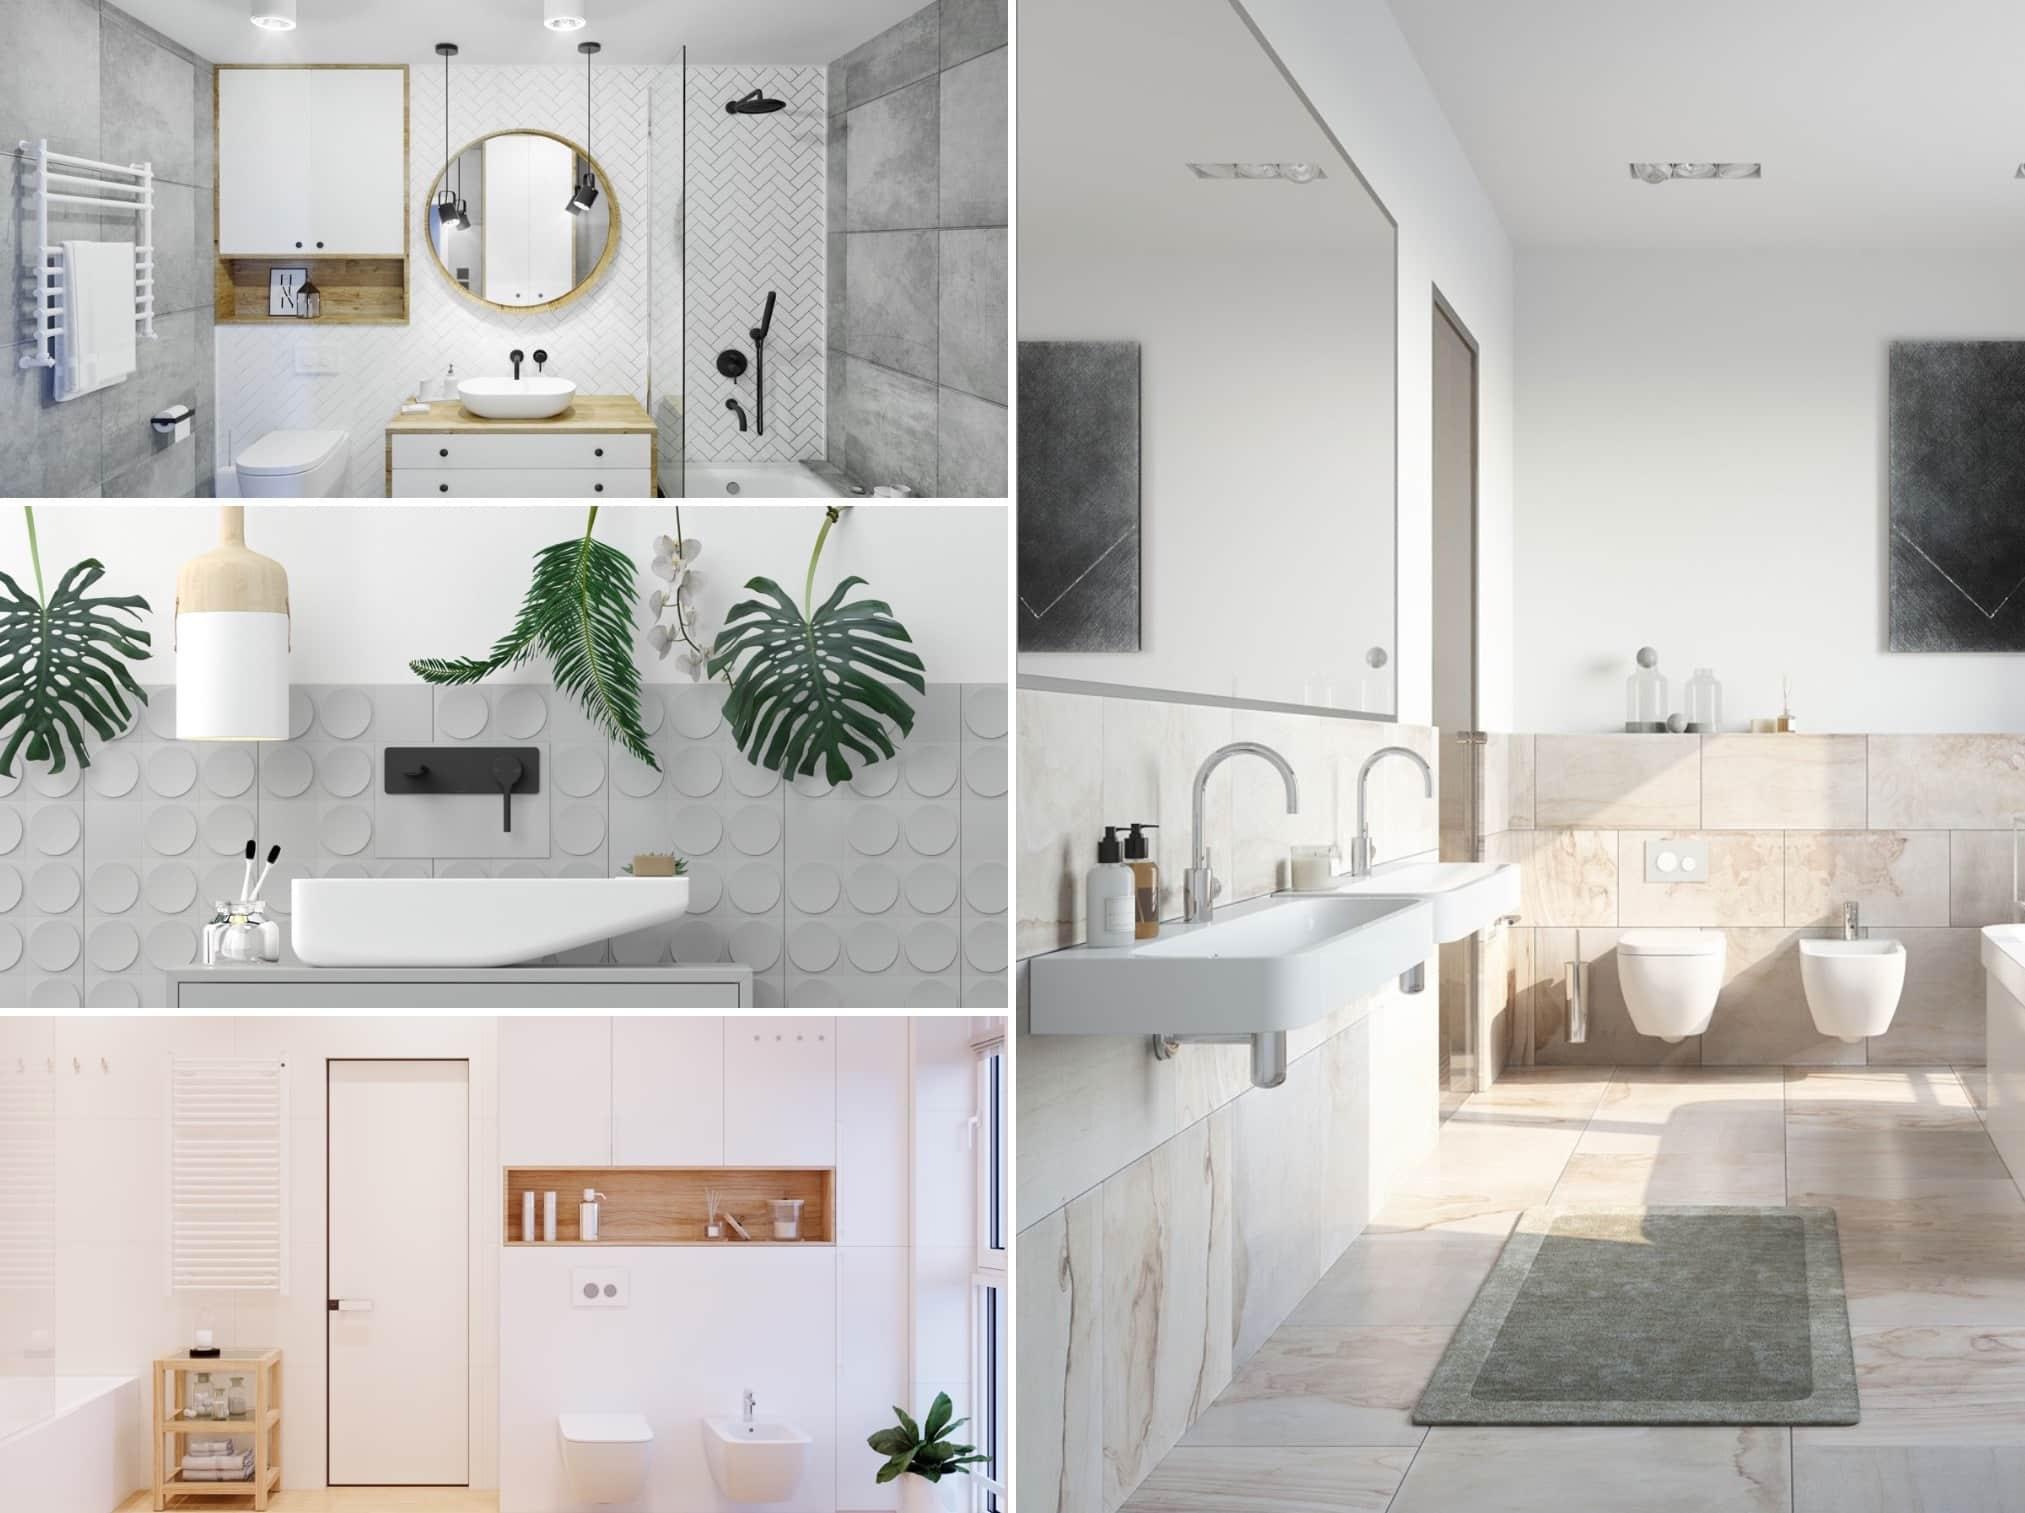 Своим успокаивающим воздействием на человека, белый цвет стен в ванной делает все пространство вокруг расслабляющим и умиротворенным